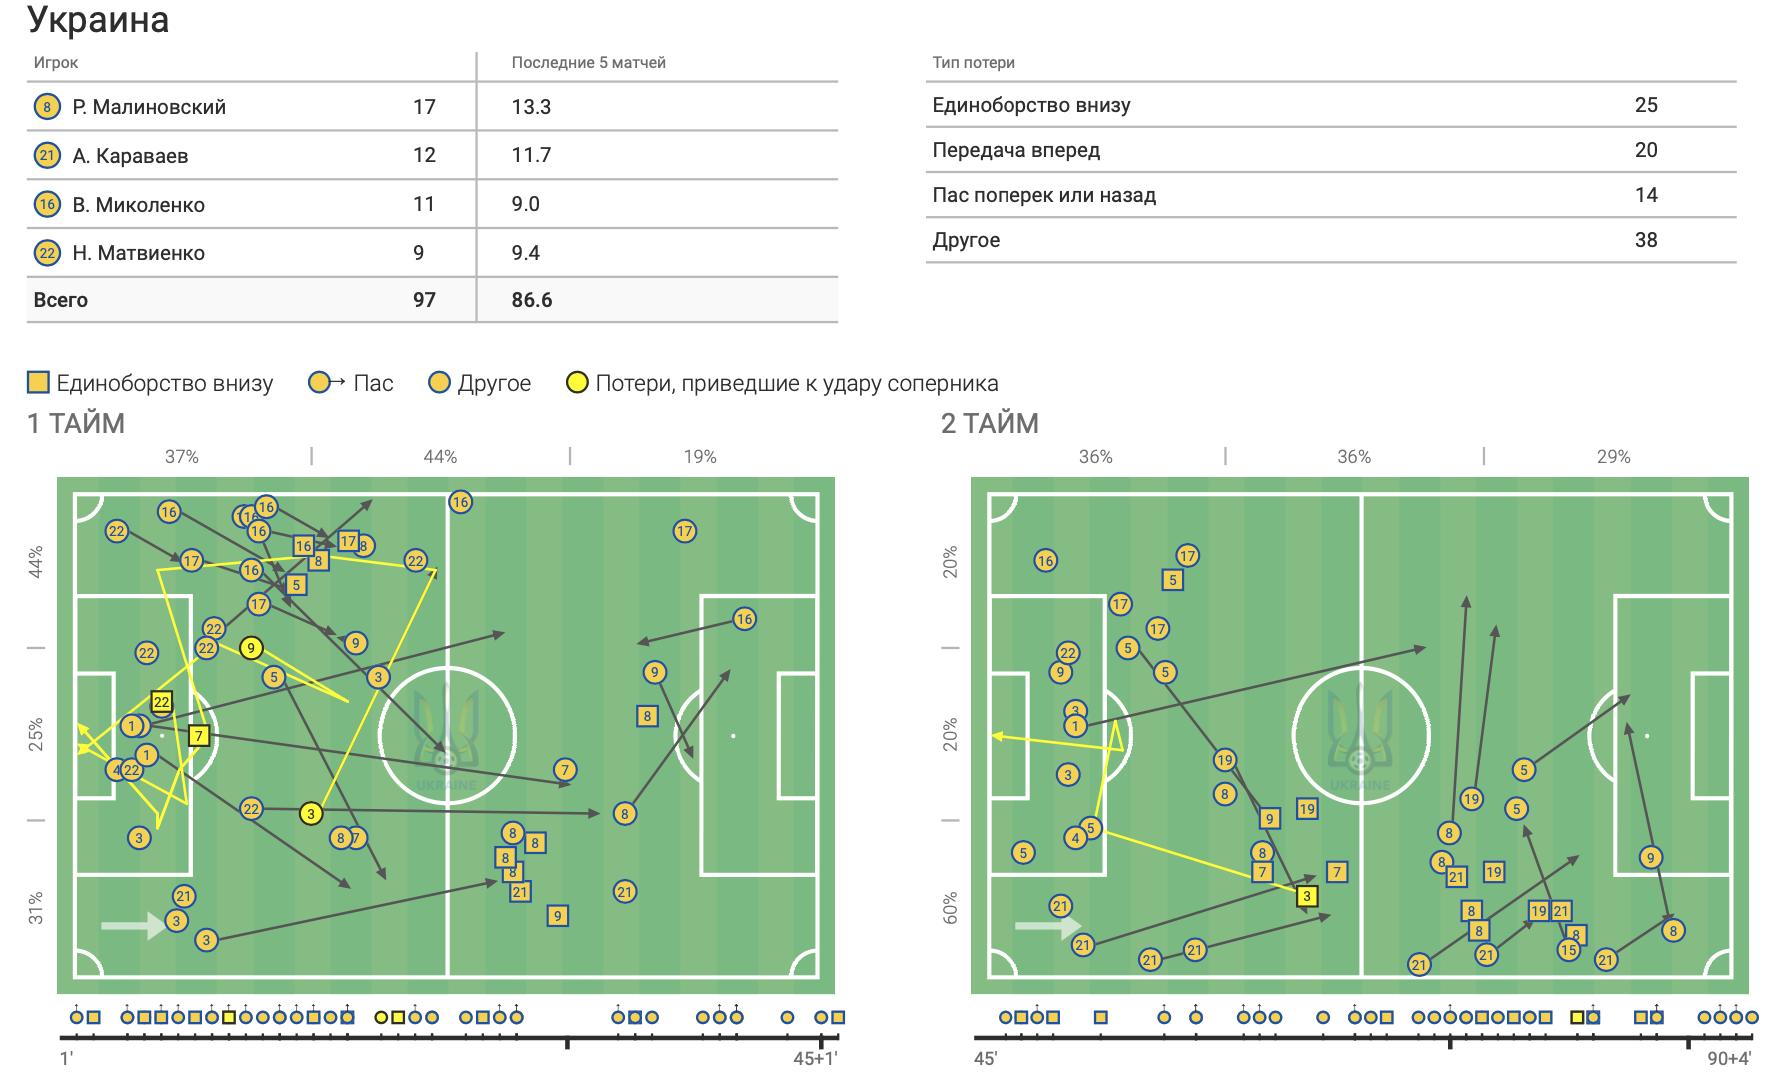 Франция - Украина в цифрах WyScout: сюрприз Шевченко, плотная оборона и голы в стиле FIFA 21 - изображение 9